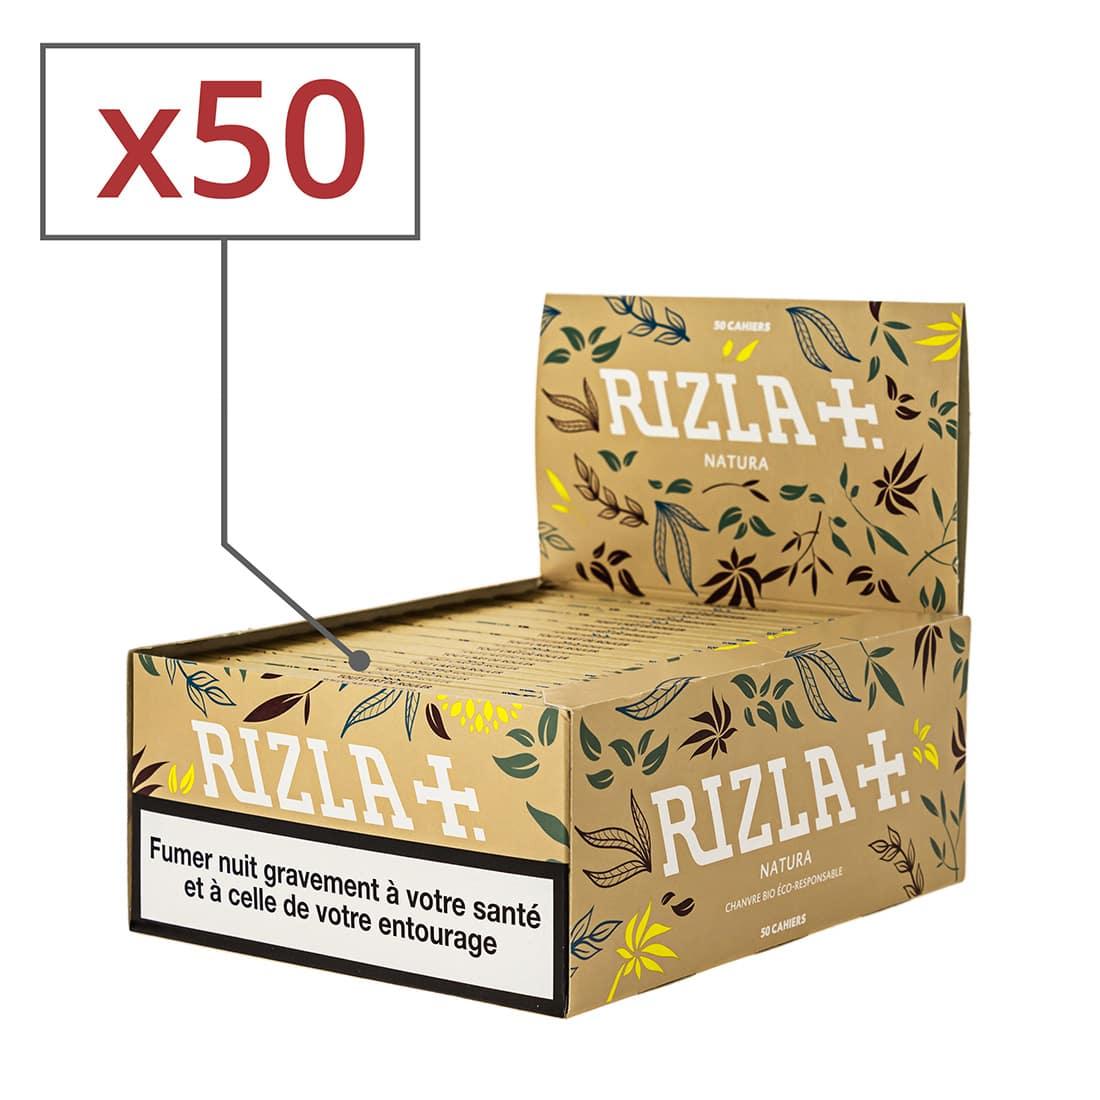 Photo de Papier à rouler Rizla + Natura Slim x 50